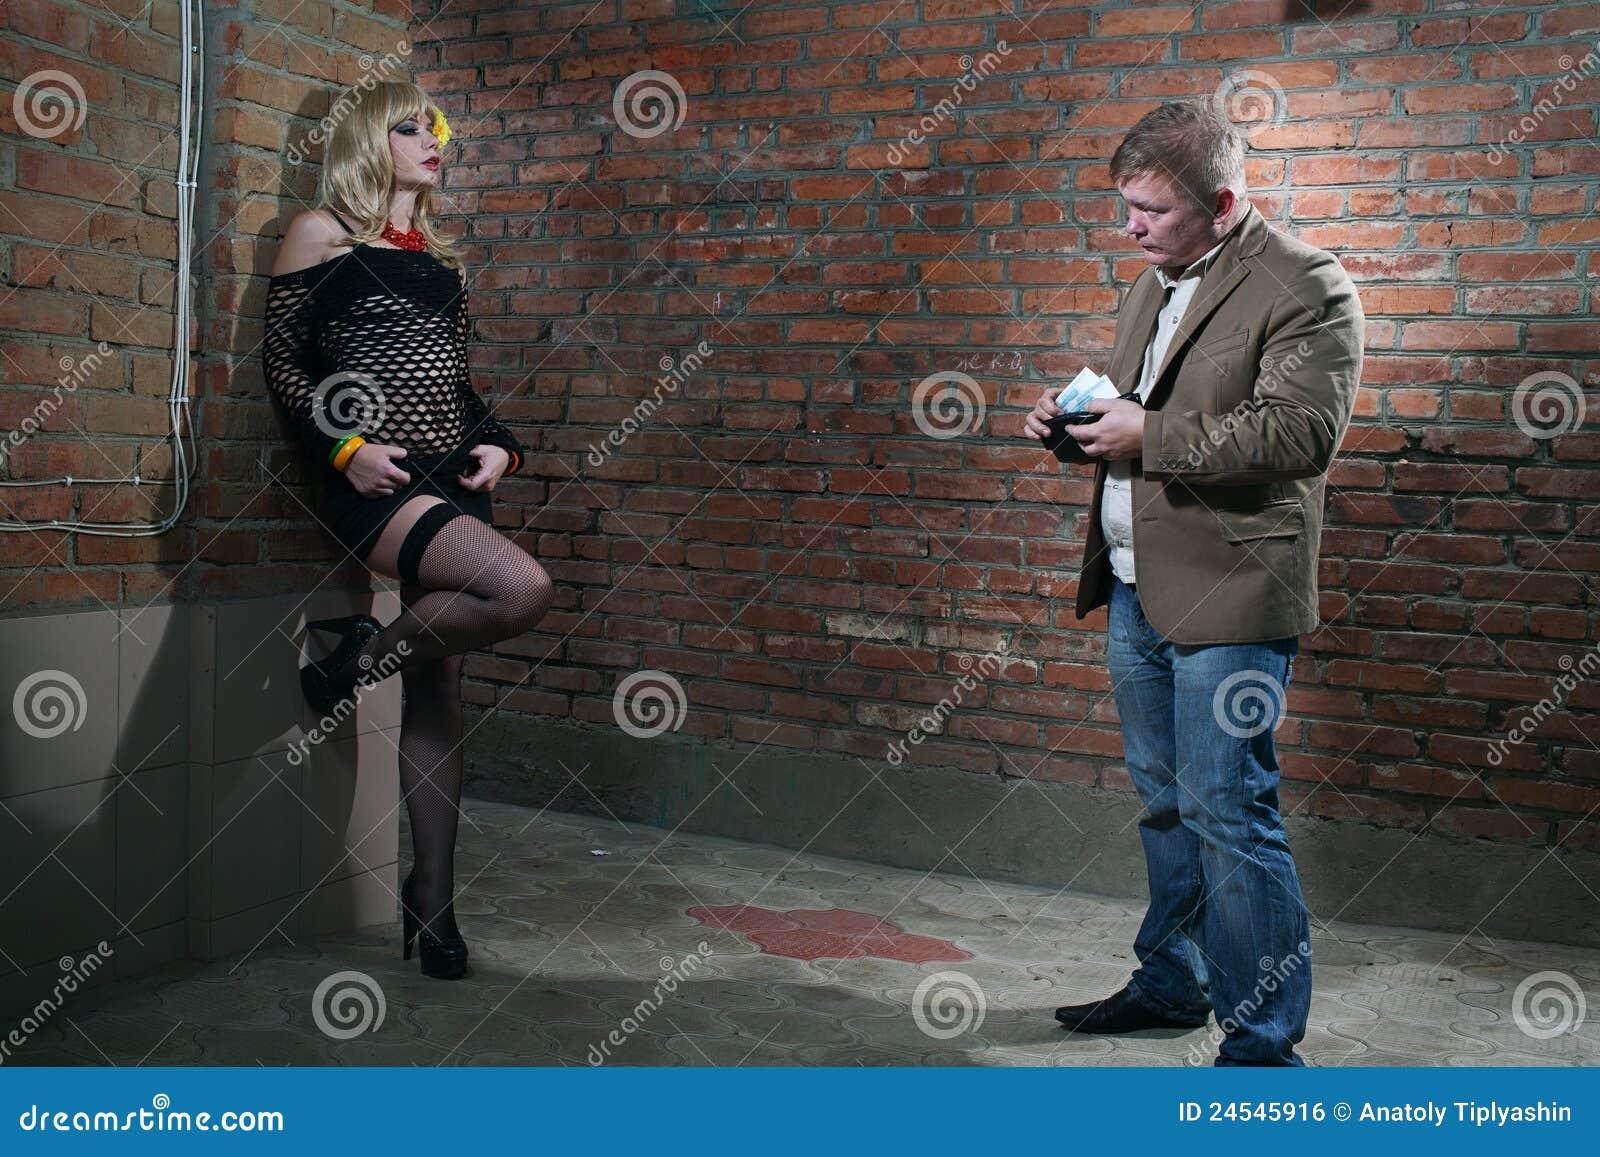 igra-prostitutka-i-klient